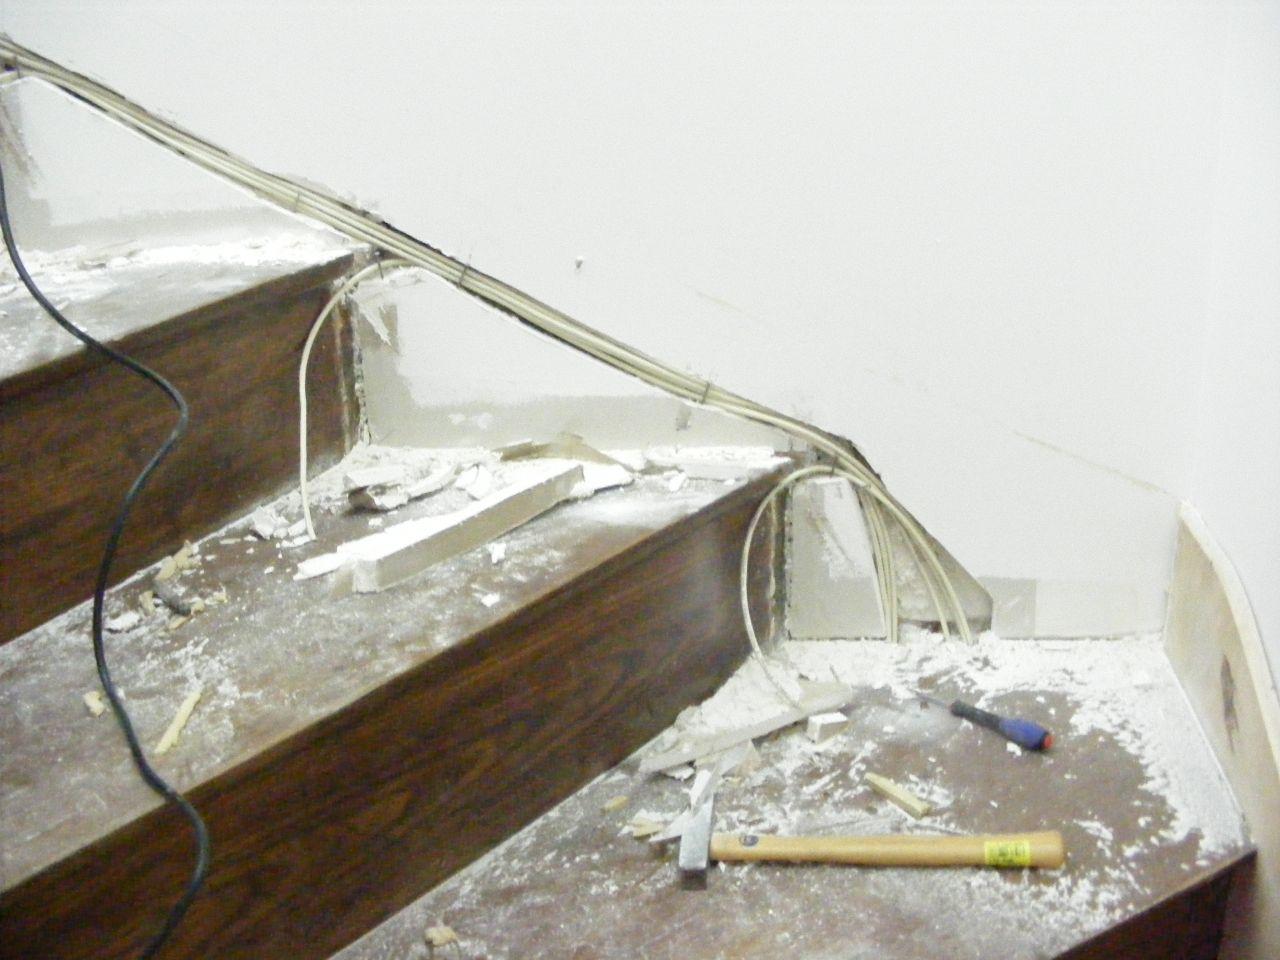 passage c ble escalier peinture escalier test eclairage escalier brielles ille et vilaine. Black Bedroom Furniture Sets. Home Design Ideas